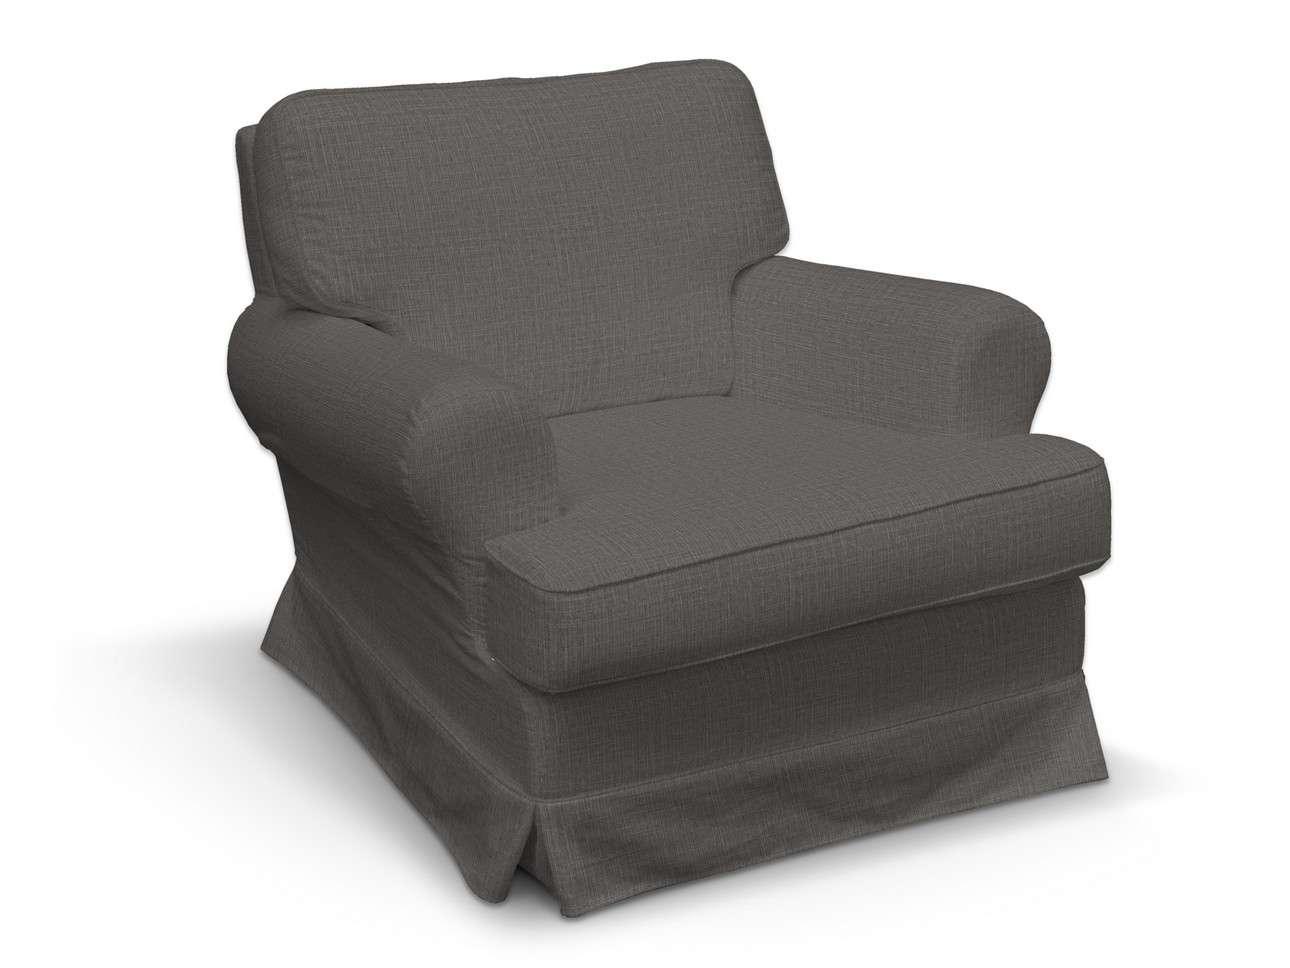 Pokrowiec na fotel Barkaby w kolekcji Living, tkanina: 161-16